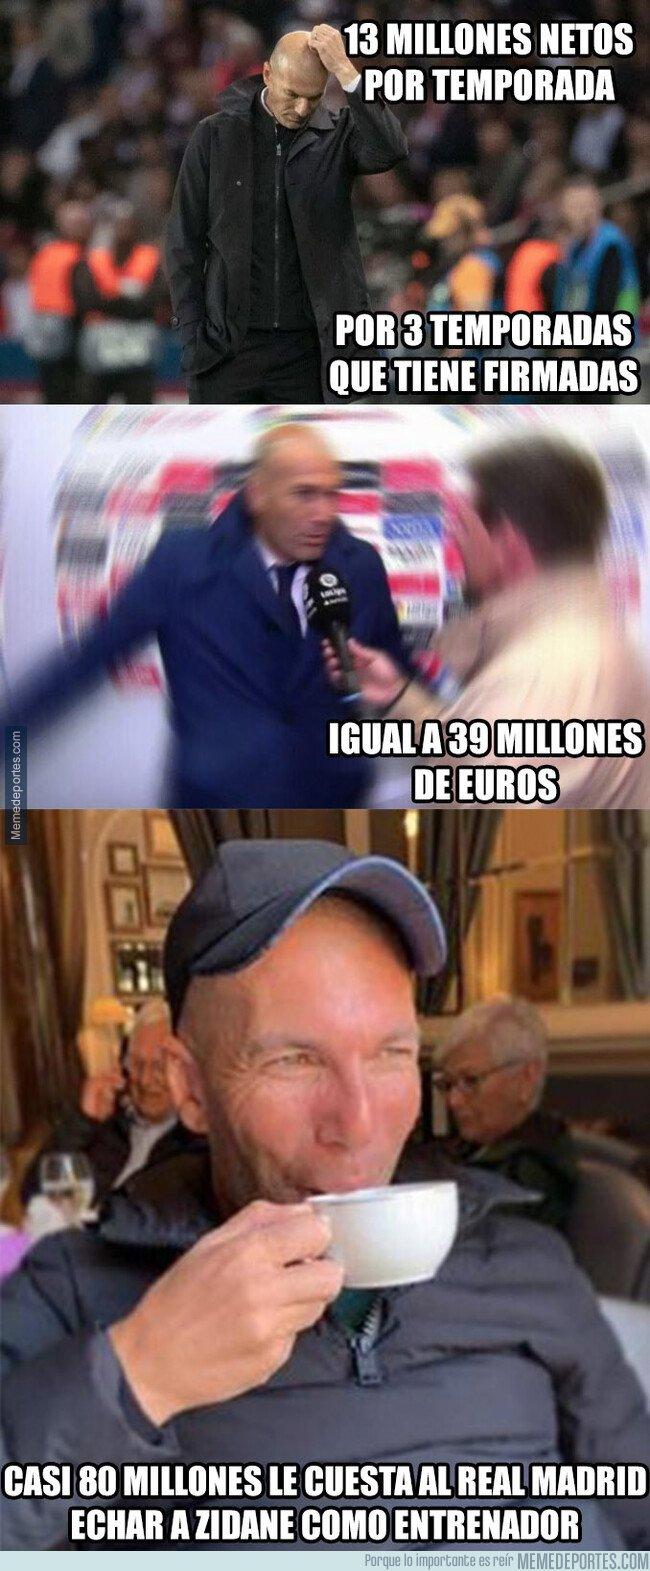 1086289 - Este es el auténtico pastizal que le costaría al Real Madrid echar a Zidane como entrenador